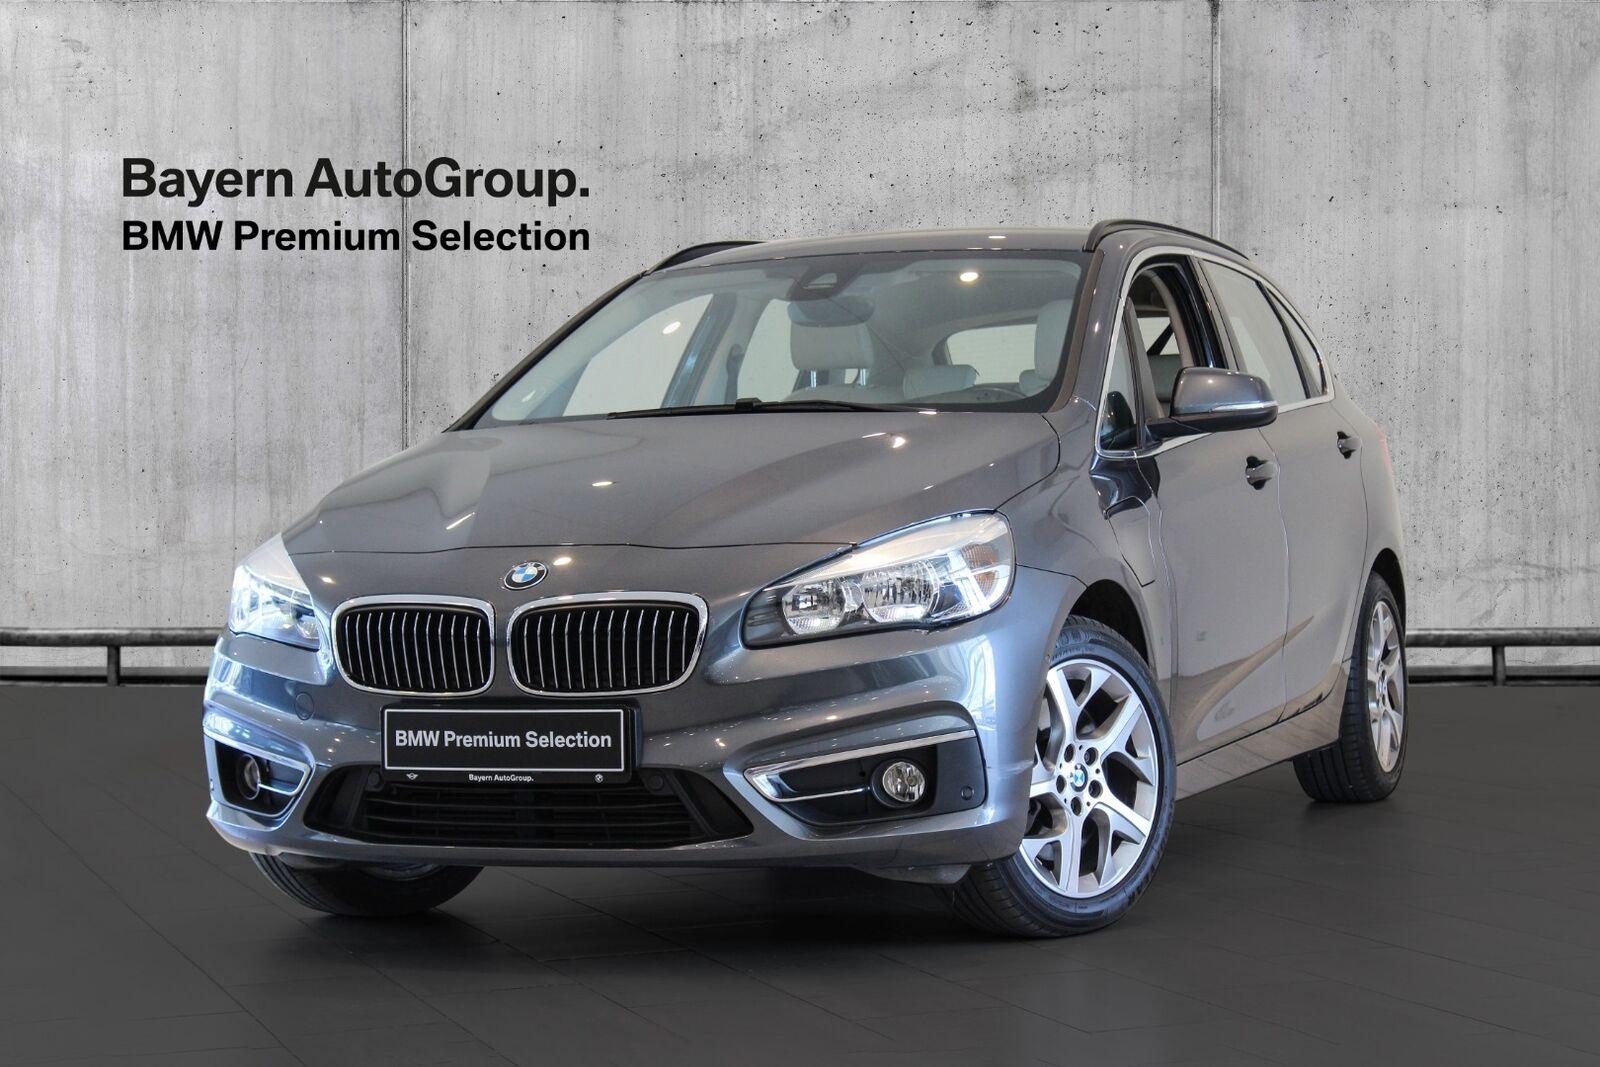 BMW 225xe 1,5 Active Tourer Luxury Line aut. 5d - 269.900 kr.